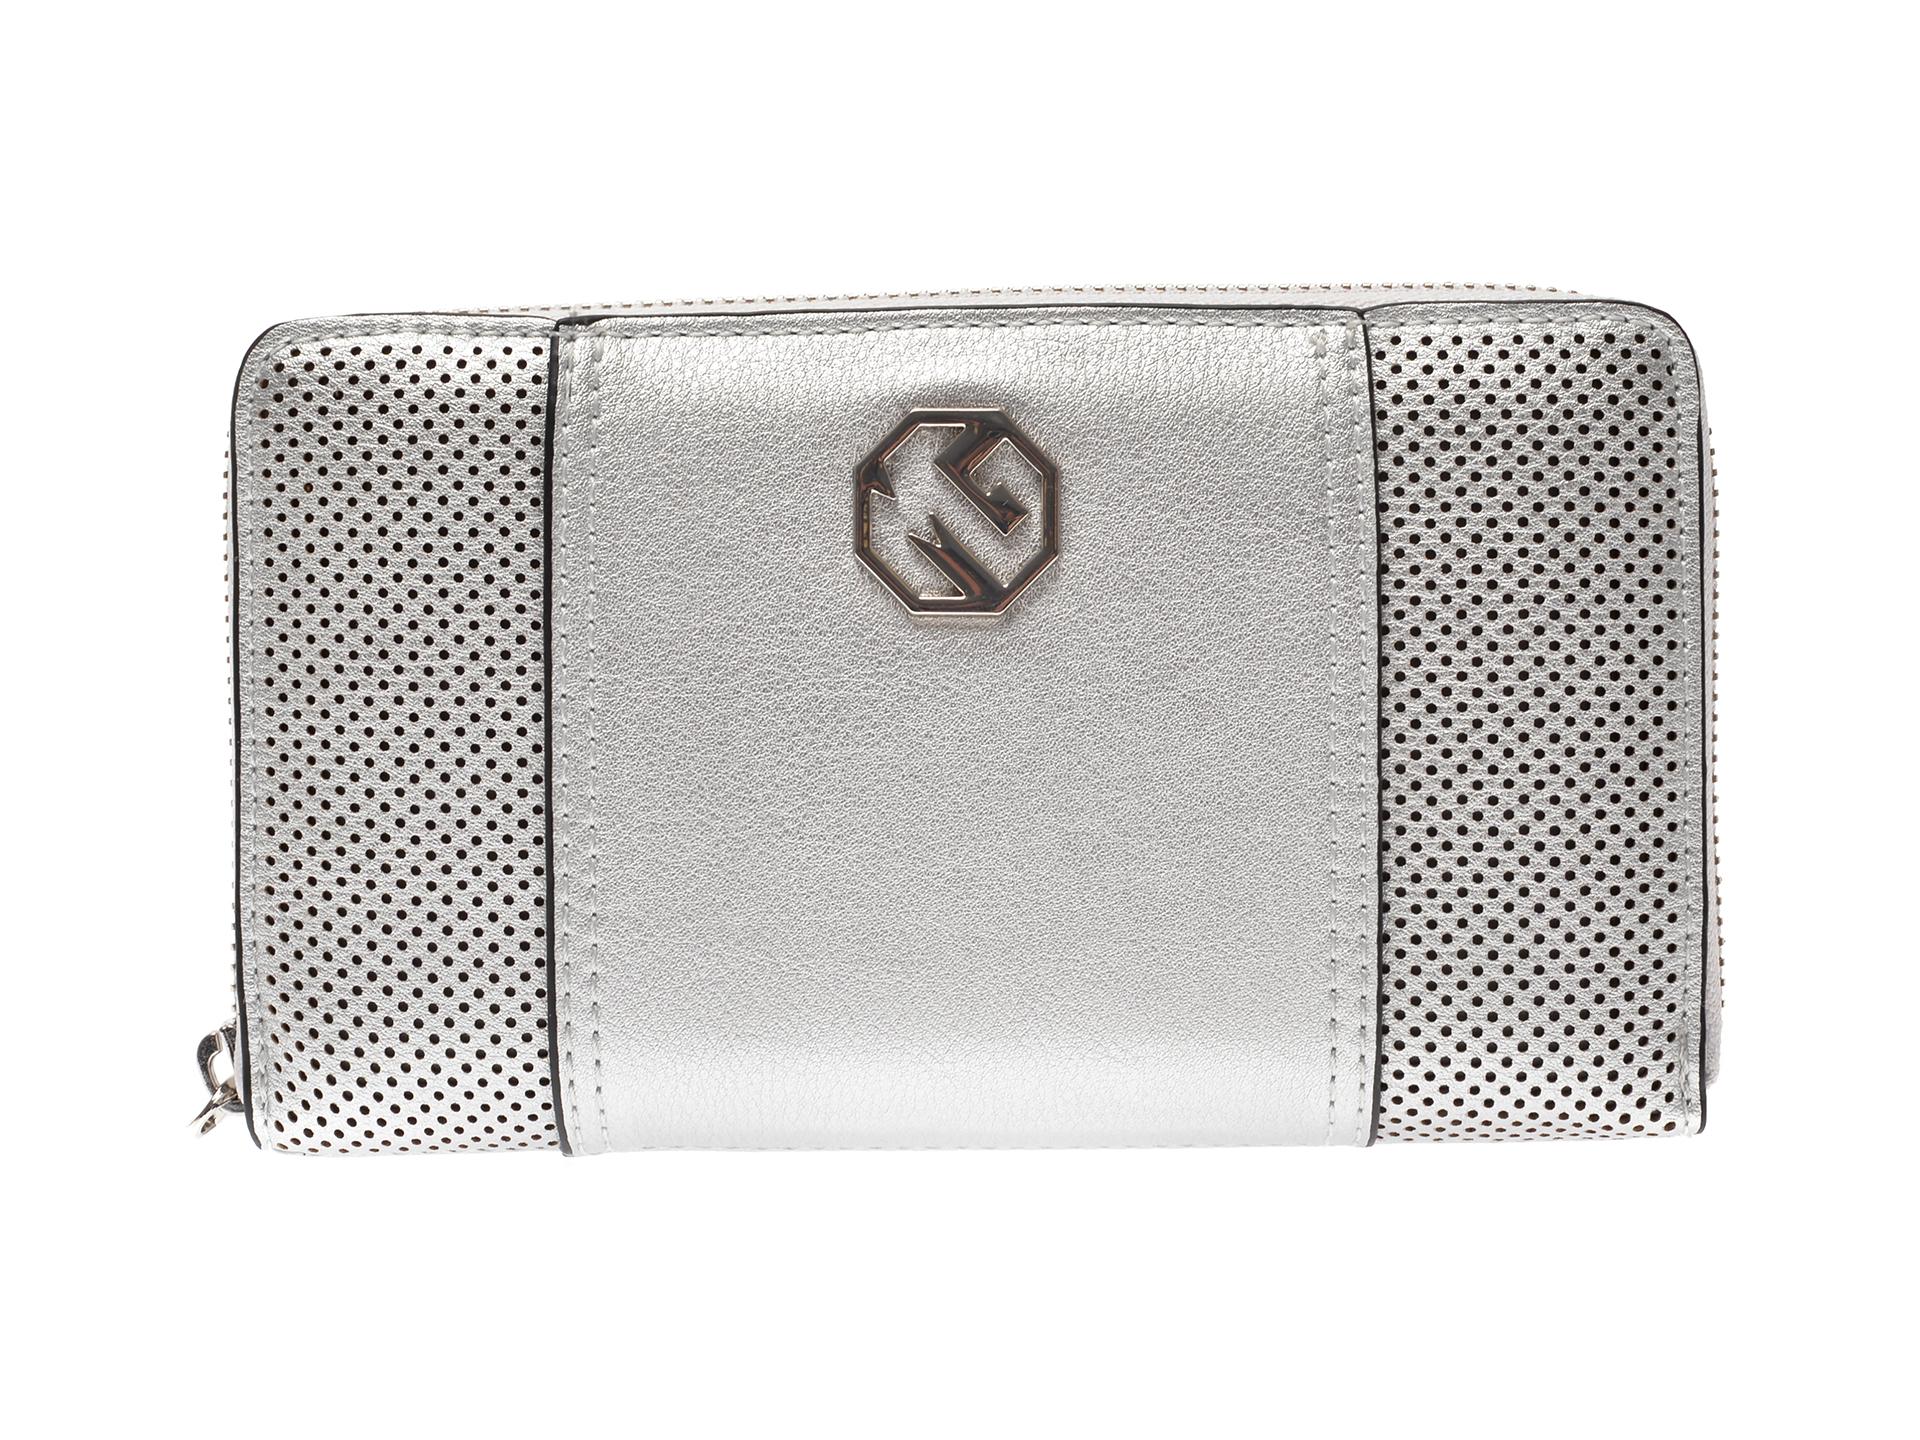 Portofel MARINA GALANTI argintiu, 17L32, din piele ecologica imagine